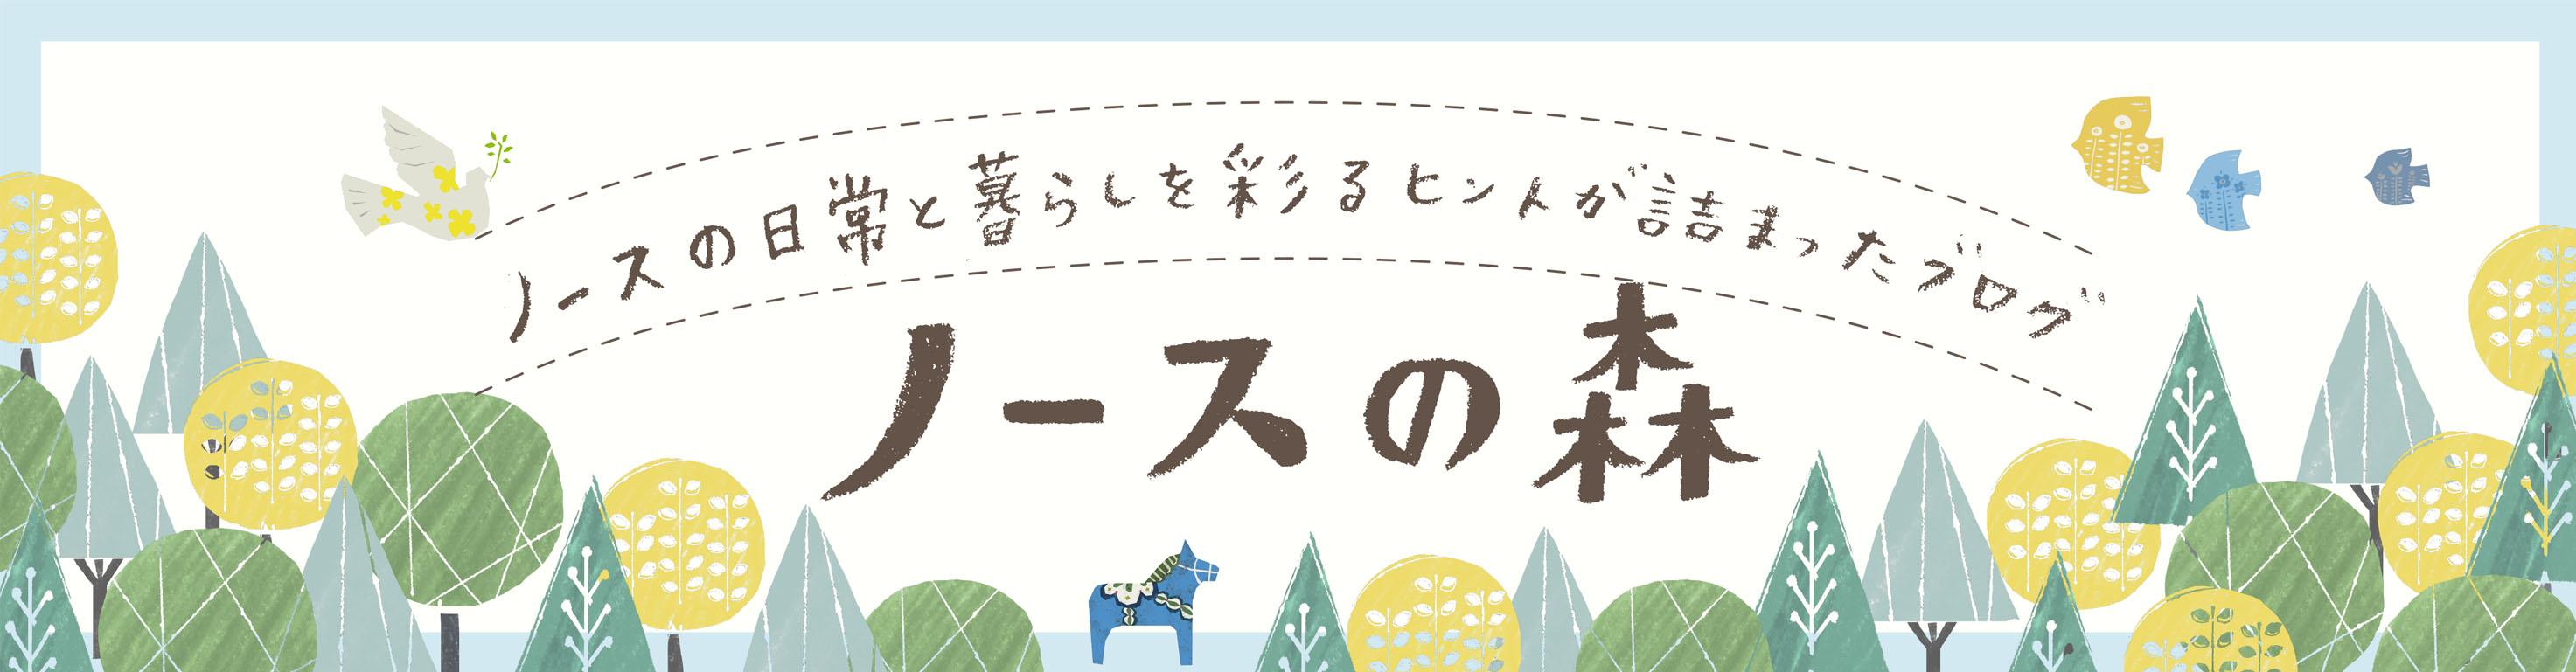 ノースの森オフィシャルブログ